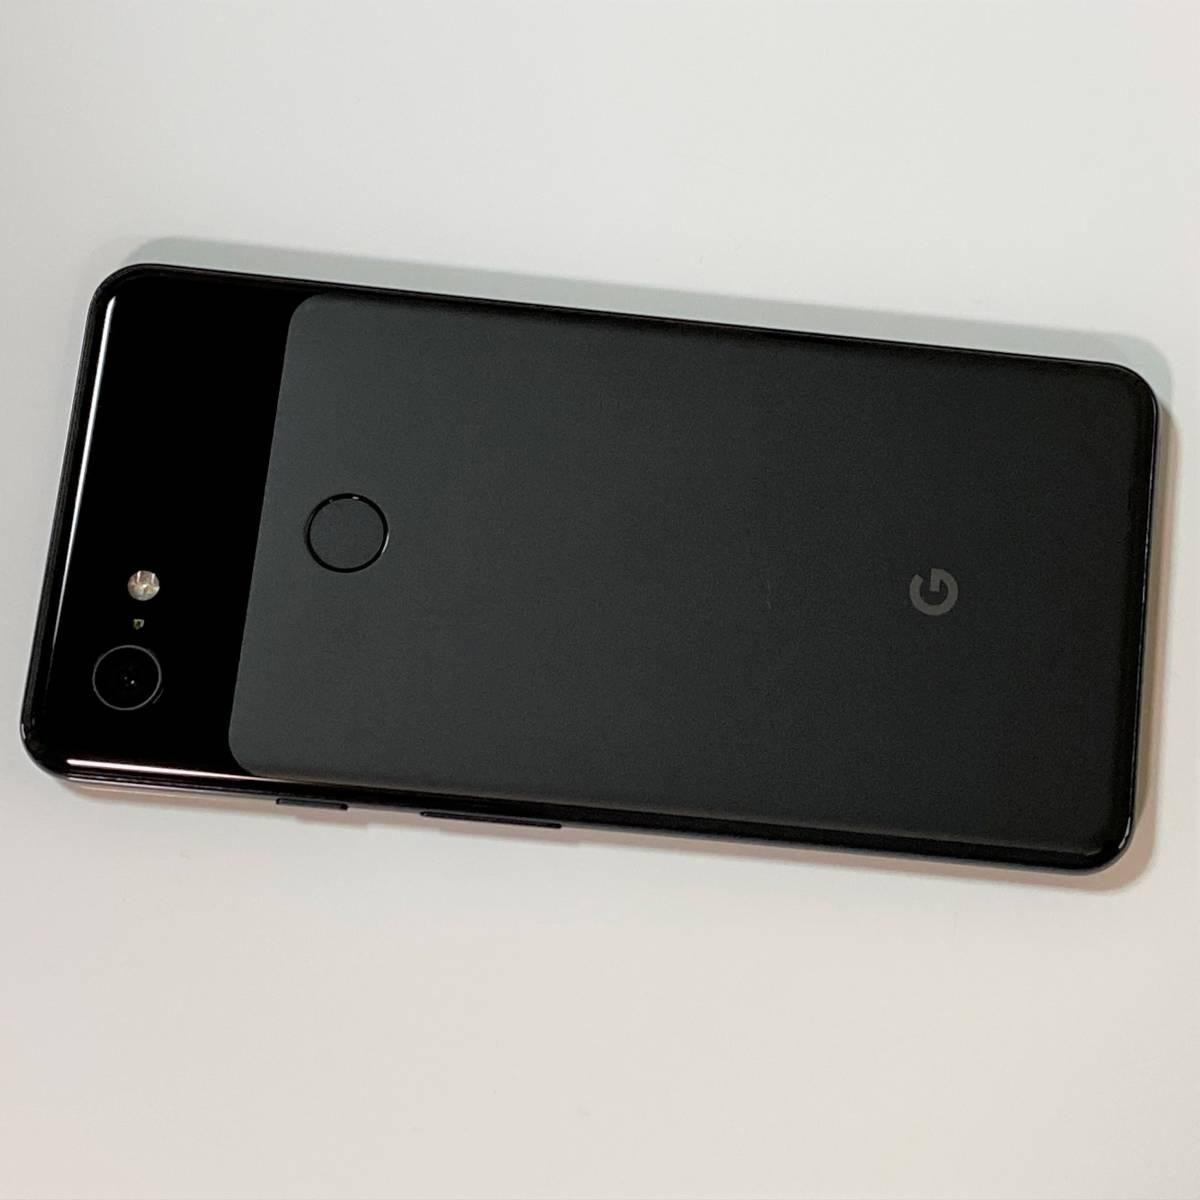 (美品) SIMフリー Google Pixel 3XL ダークブラック 64GB ソフトバンク版(SIMロック解除済) docomo 格安SIM MVNO 海外利用可能_画像7